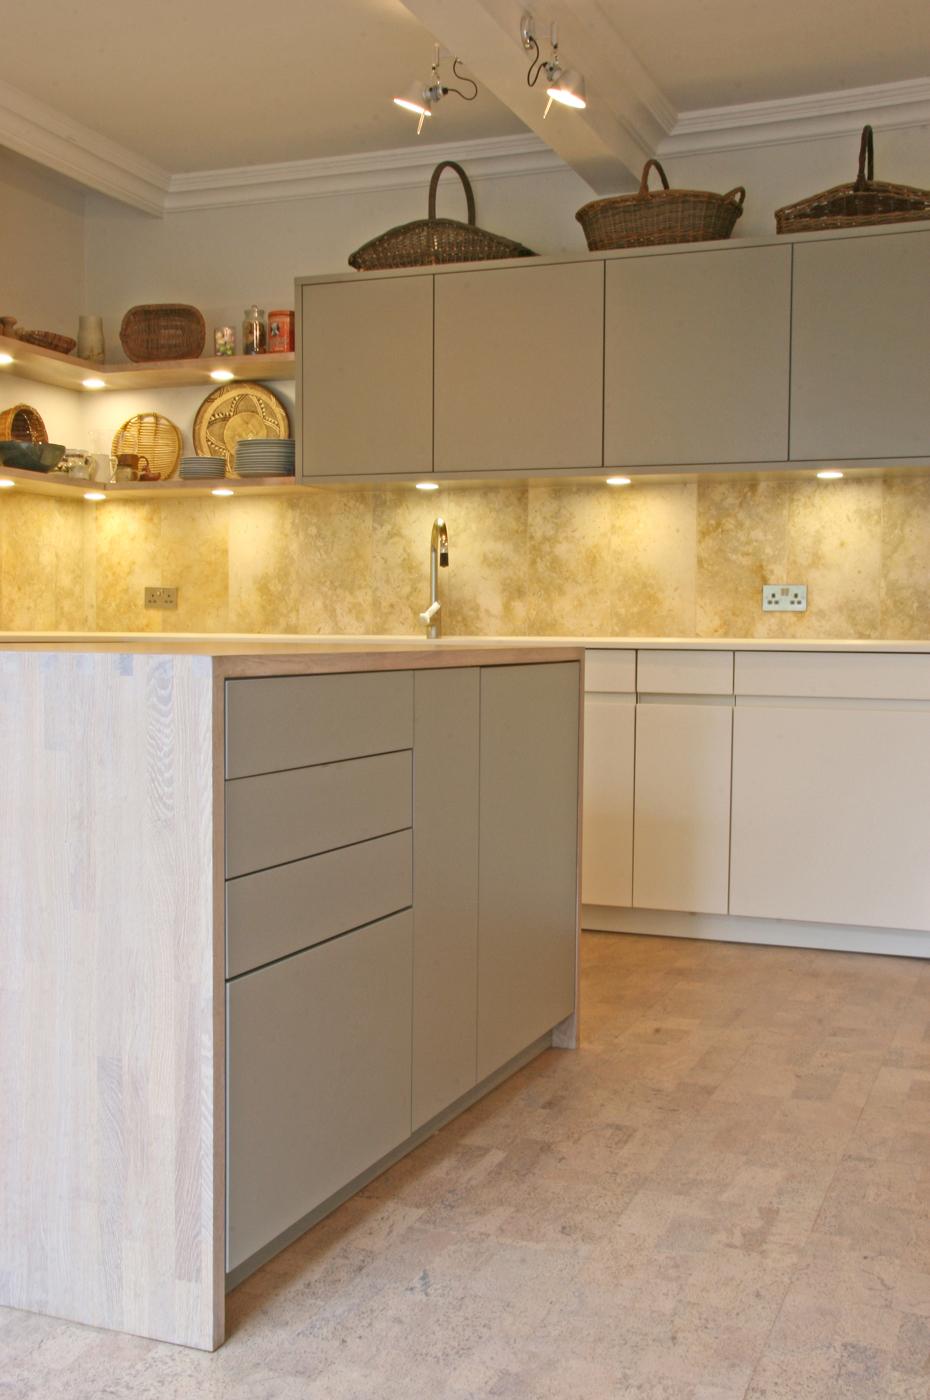 leicht_kitchen_extension_rogue_designs_architecture_oxford_2